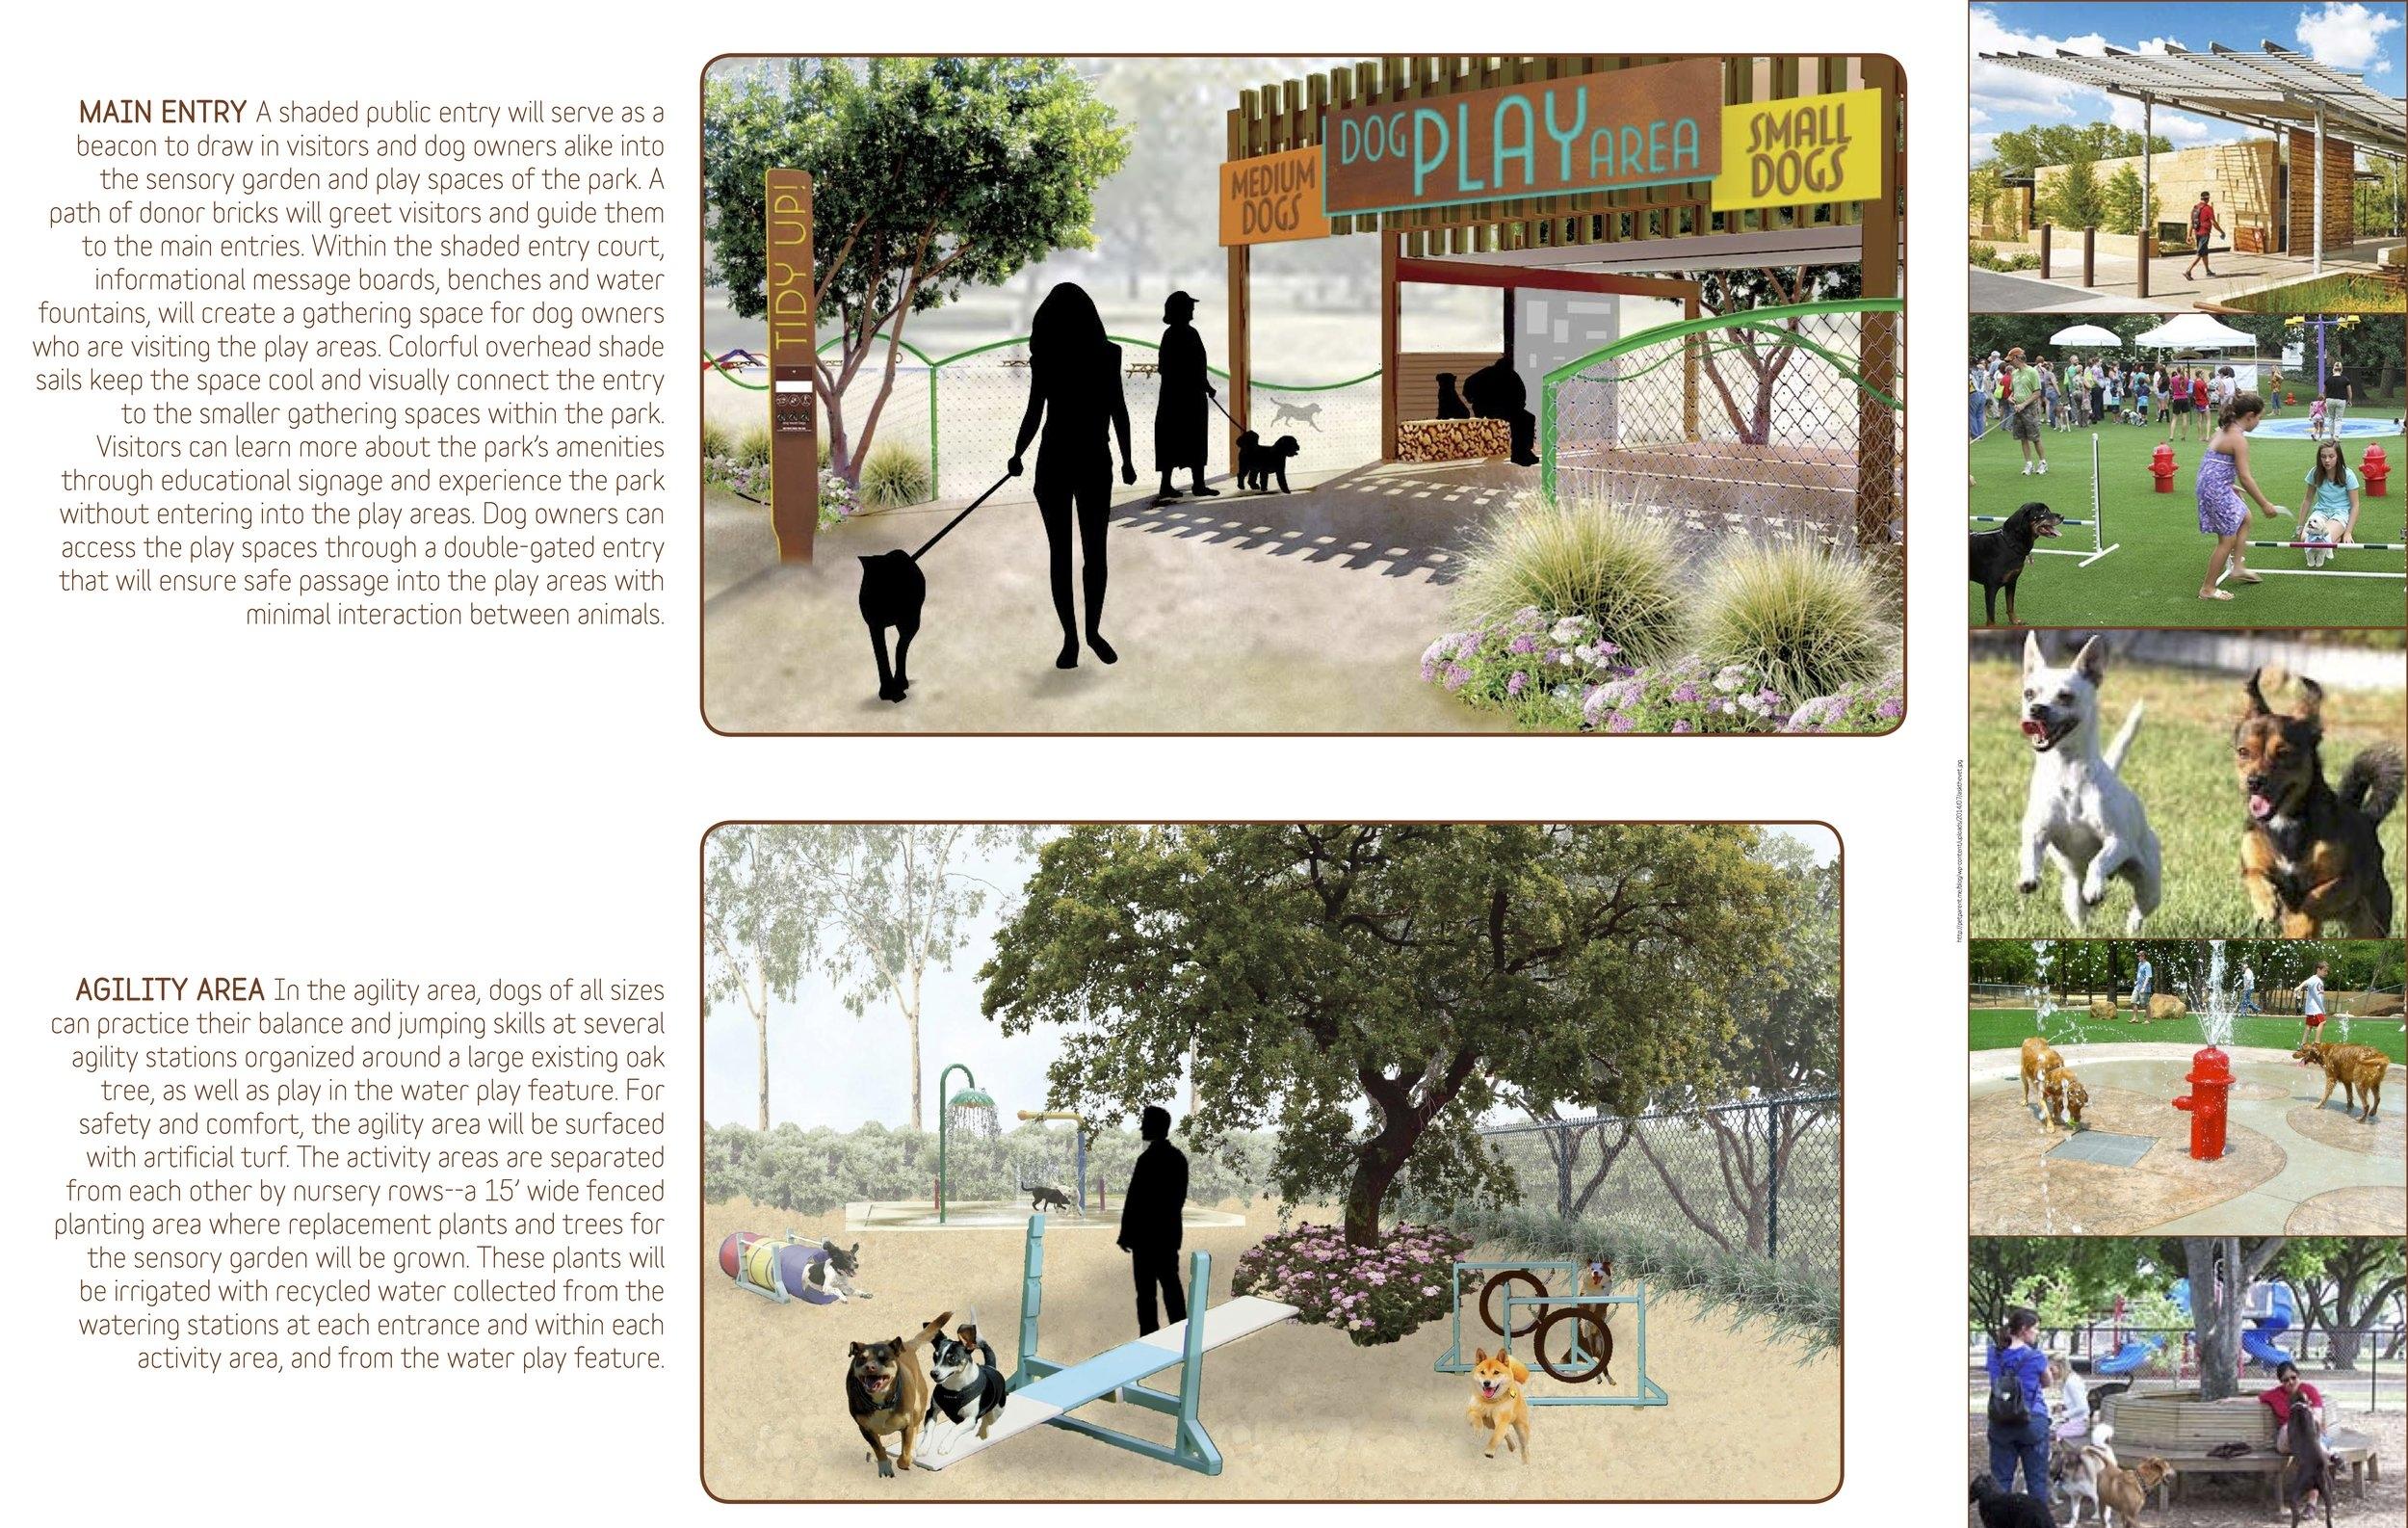 El Dorado Dog Park Boards V7_page3.jpg